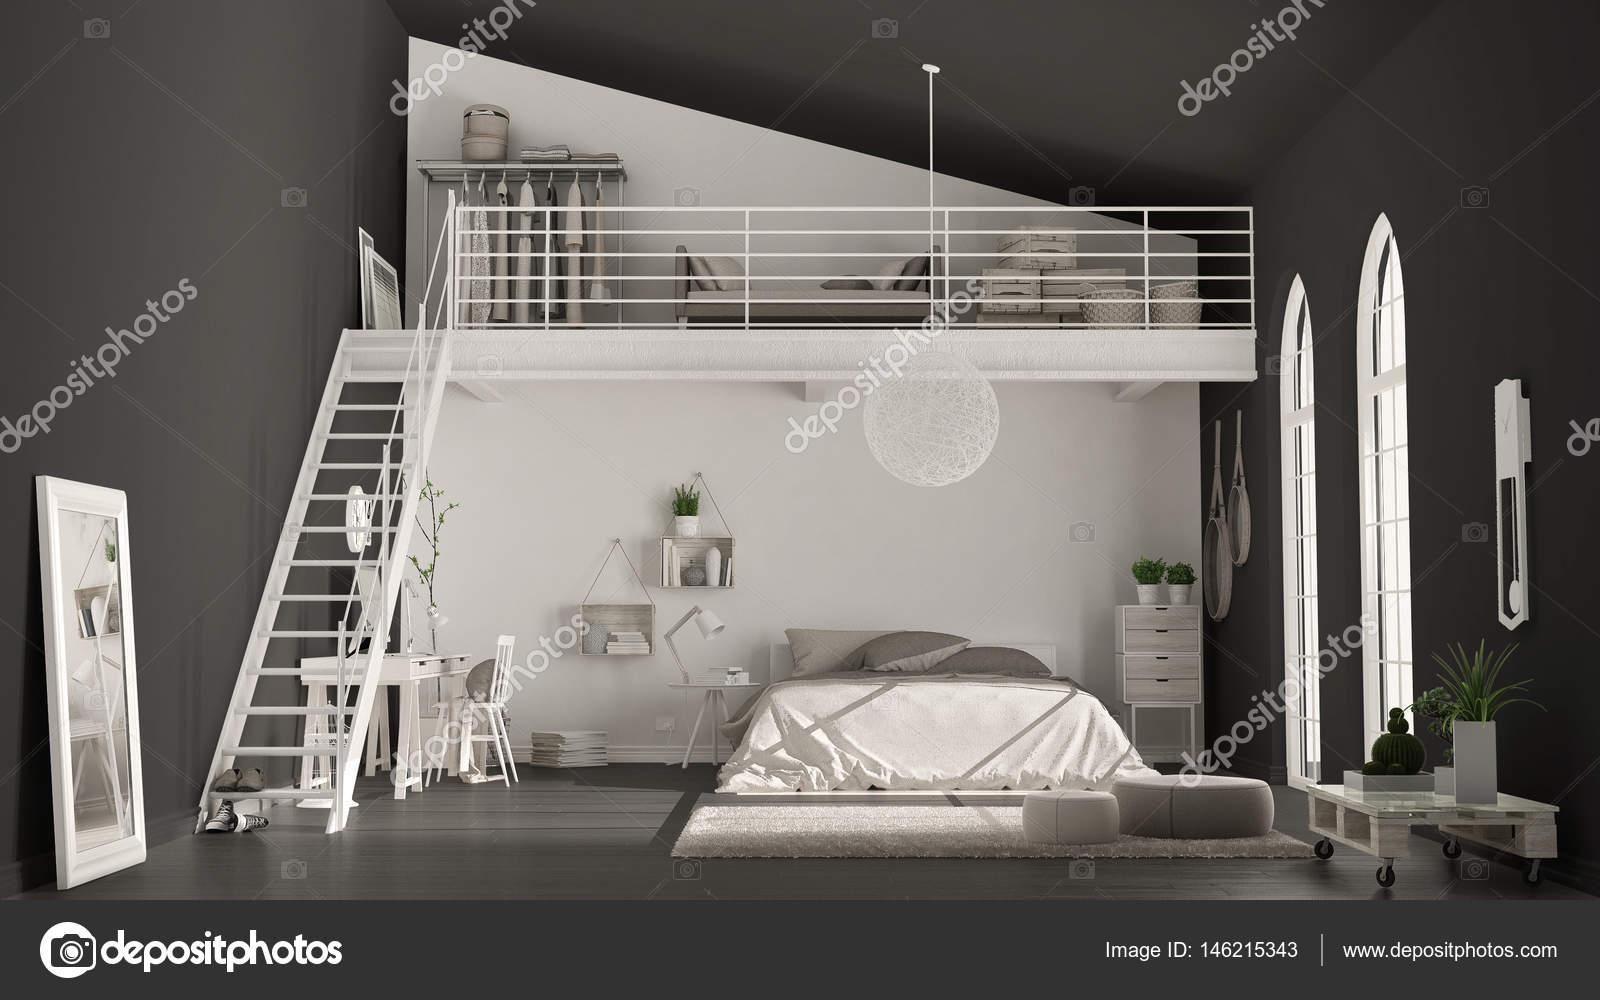 Chambre scandinave loft minimaliste avec bureau à domicile sombre